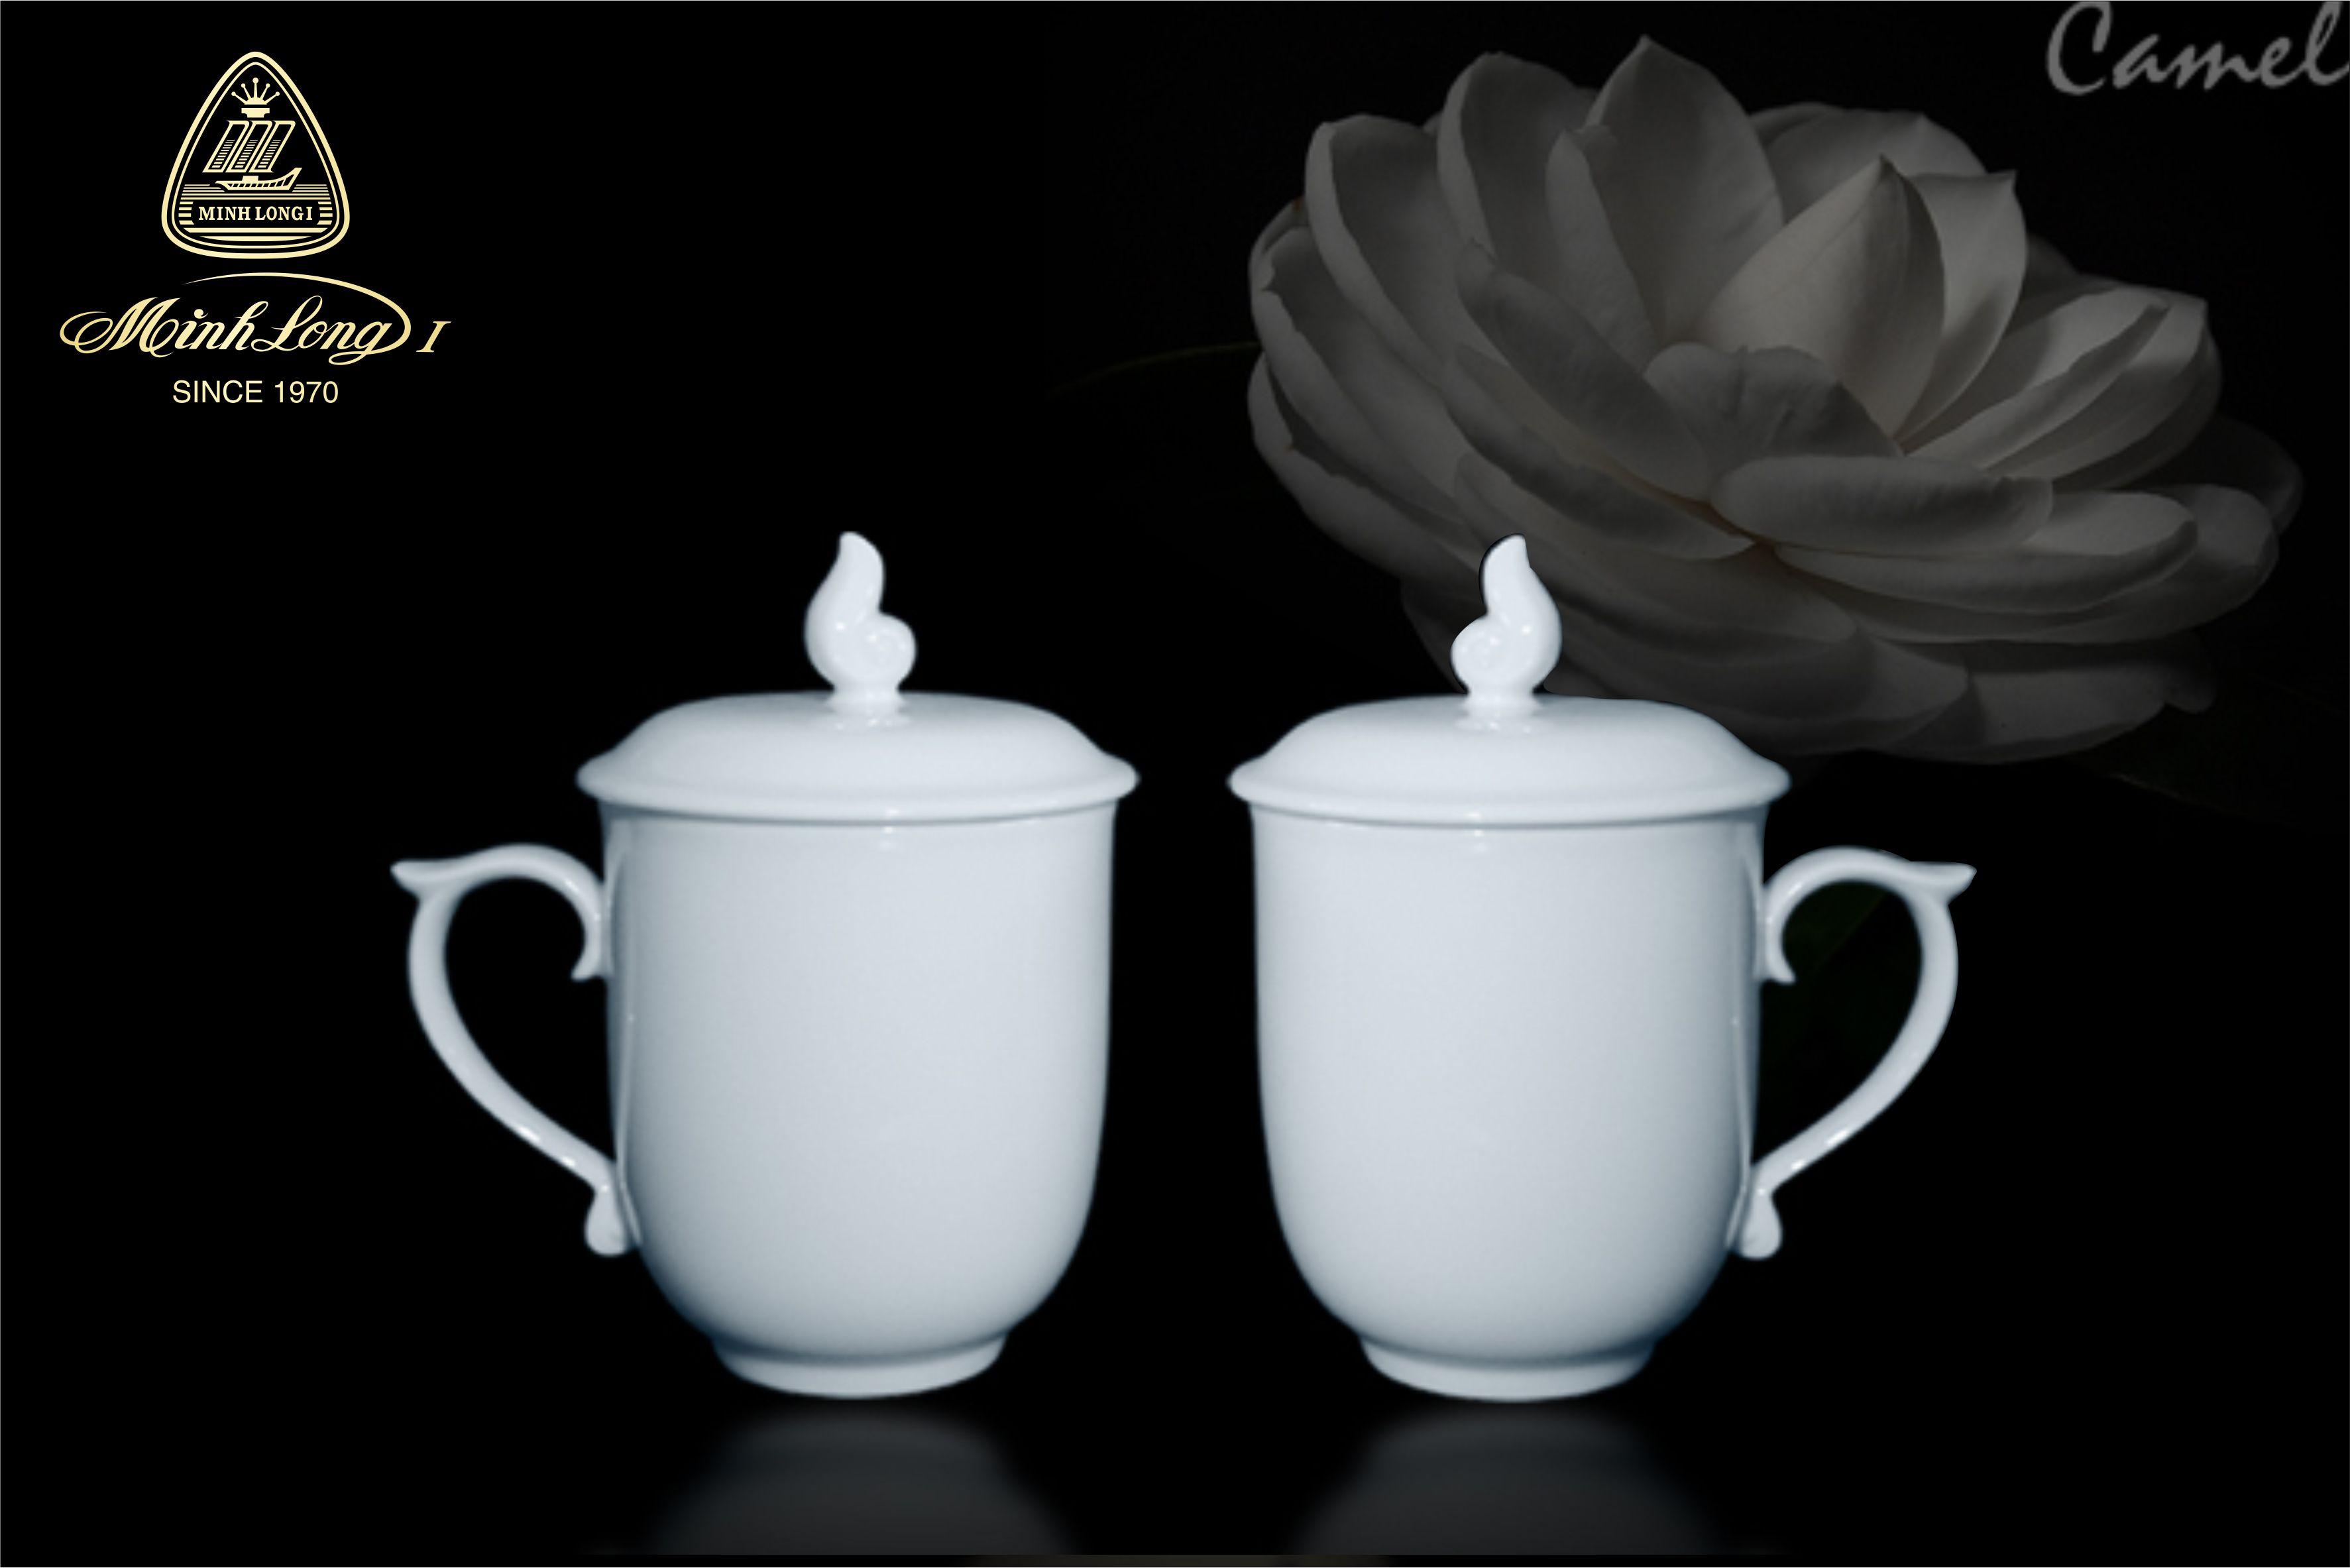 Ca trà 0.30L+ nắp Mẫu Đơn Trắng 153009000 Minh Long